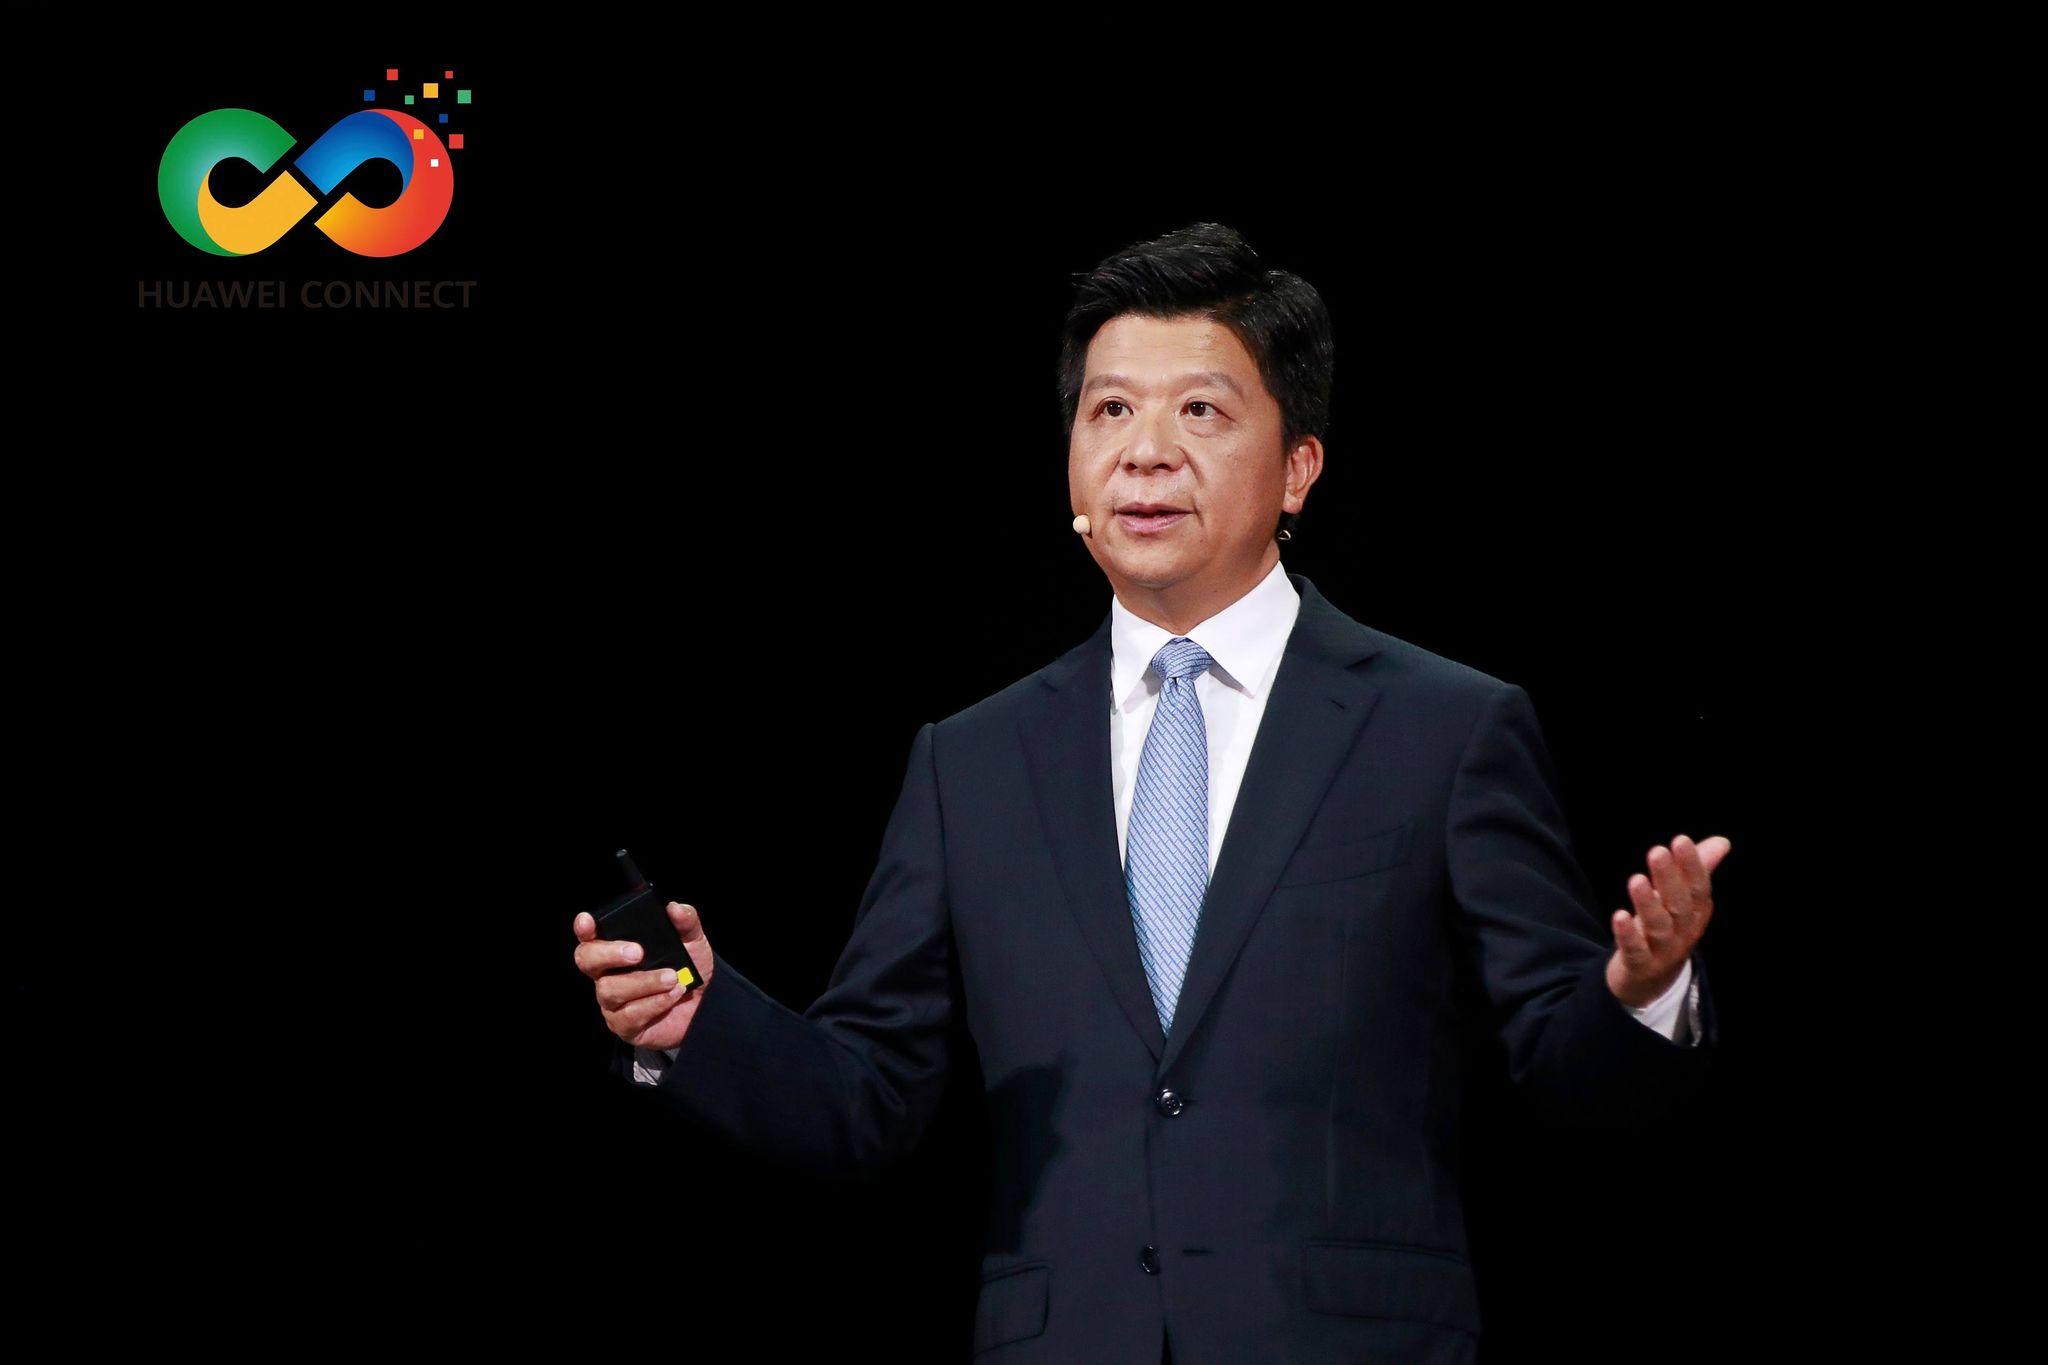 انطلاق فعاليات مؤتمر هواوي كونكت 2020 الأكبر من نوعه على مستوى العالم